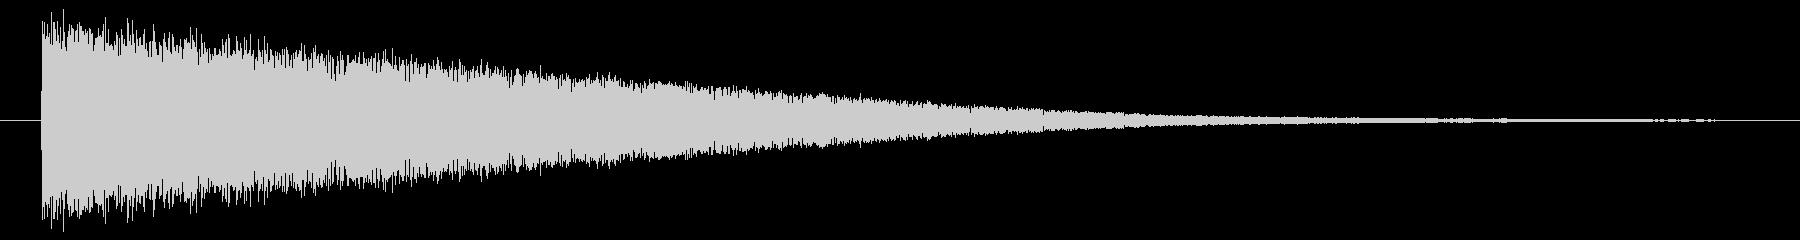 バシューン/発射/着地/撃破/の未再生の波形